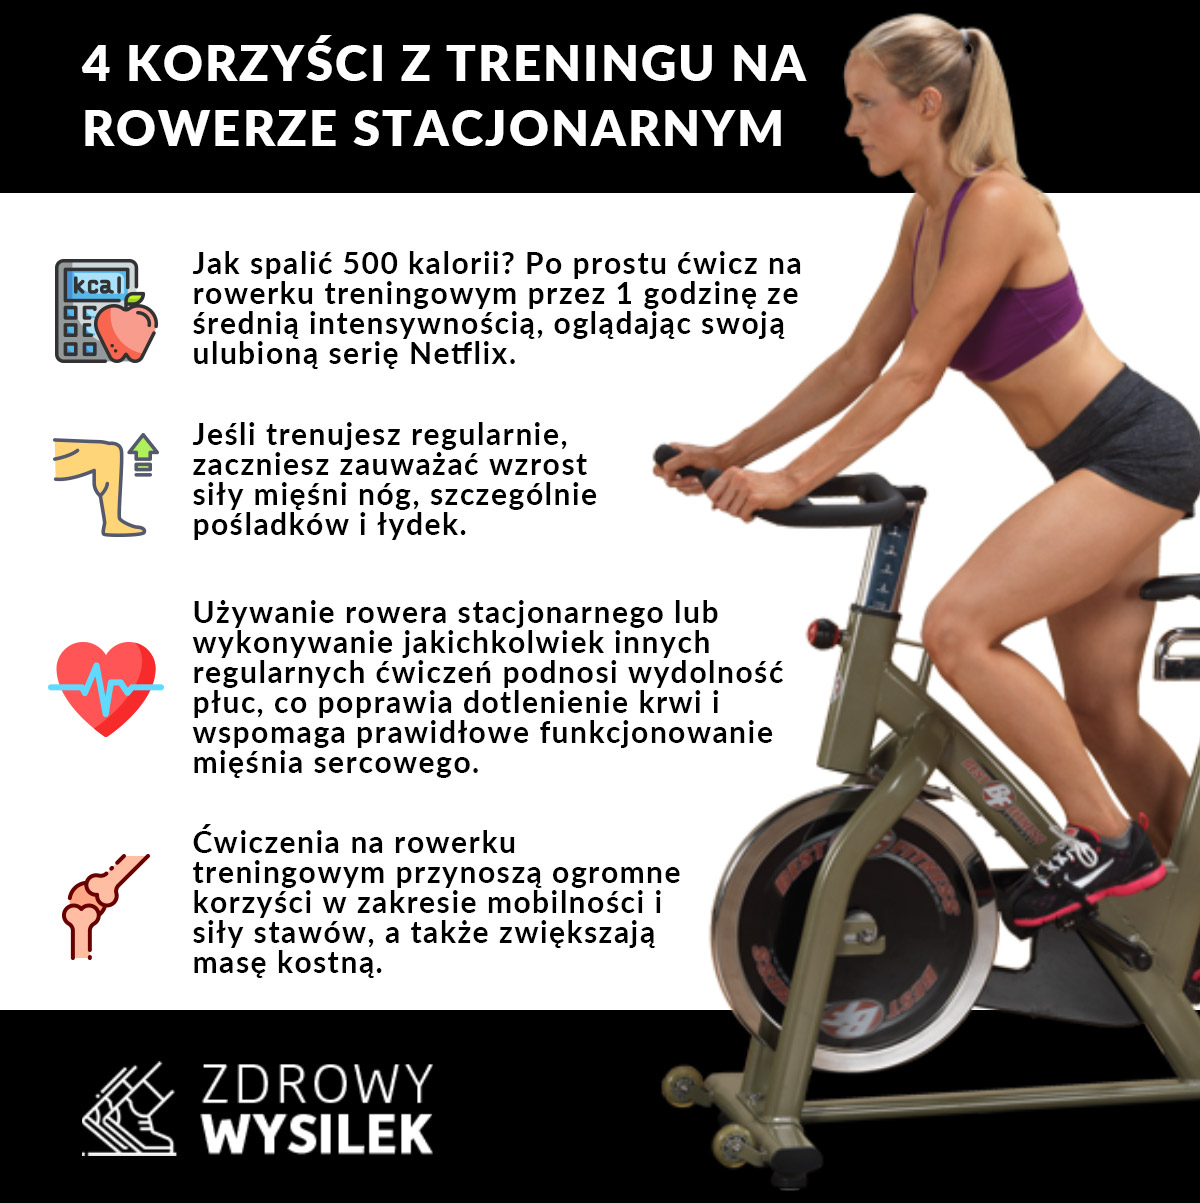 Zawała: Czy rower jest dobry na brzuch?